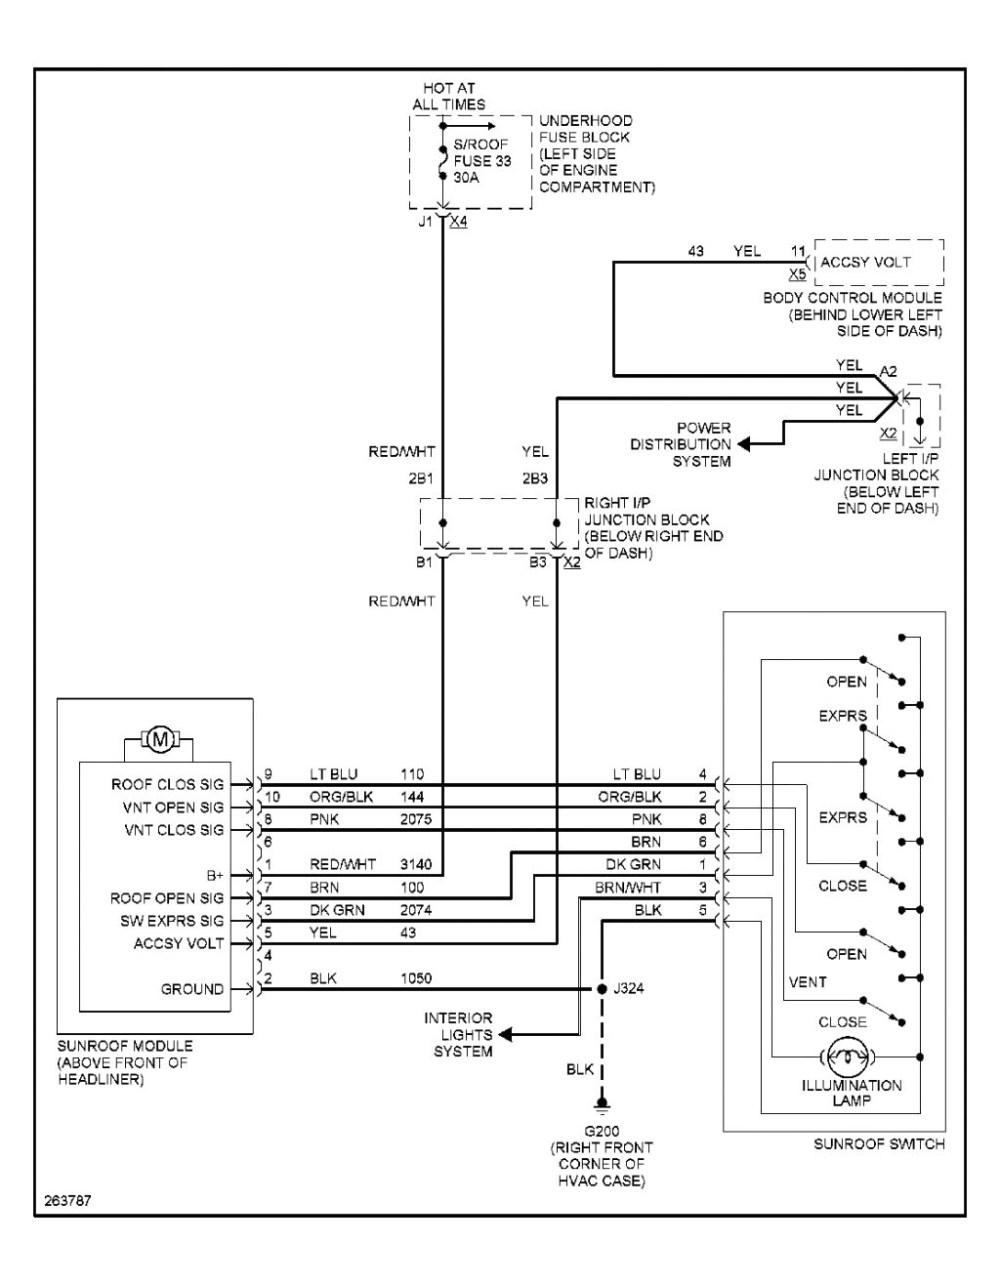 medium resolution of gmos 01 wiring diagram wiring diagram for you gmos lan 01 wiring diagram gmos 01 wiring diagram